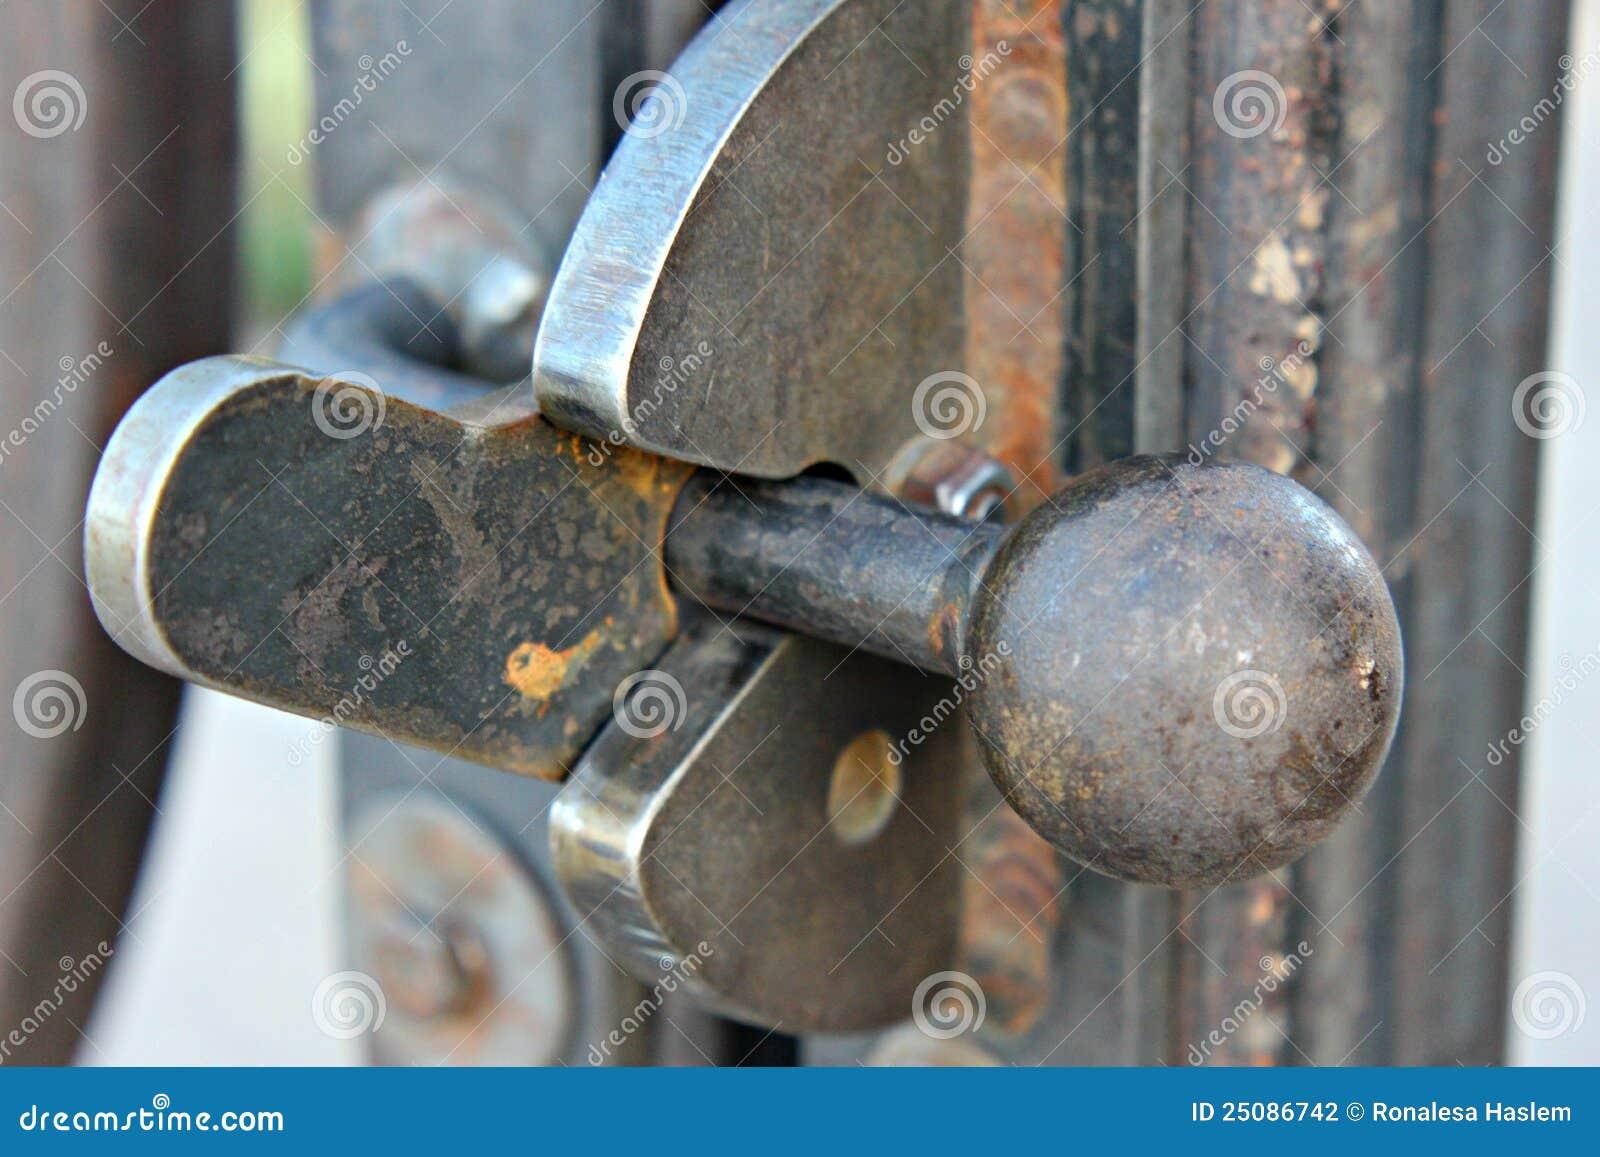 Iron Gate Latch Stock Photo Image Of Mechanism Latching